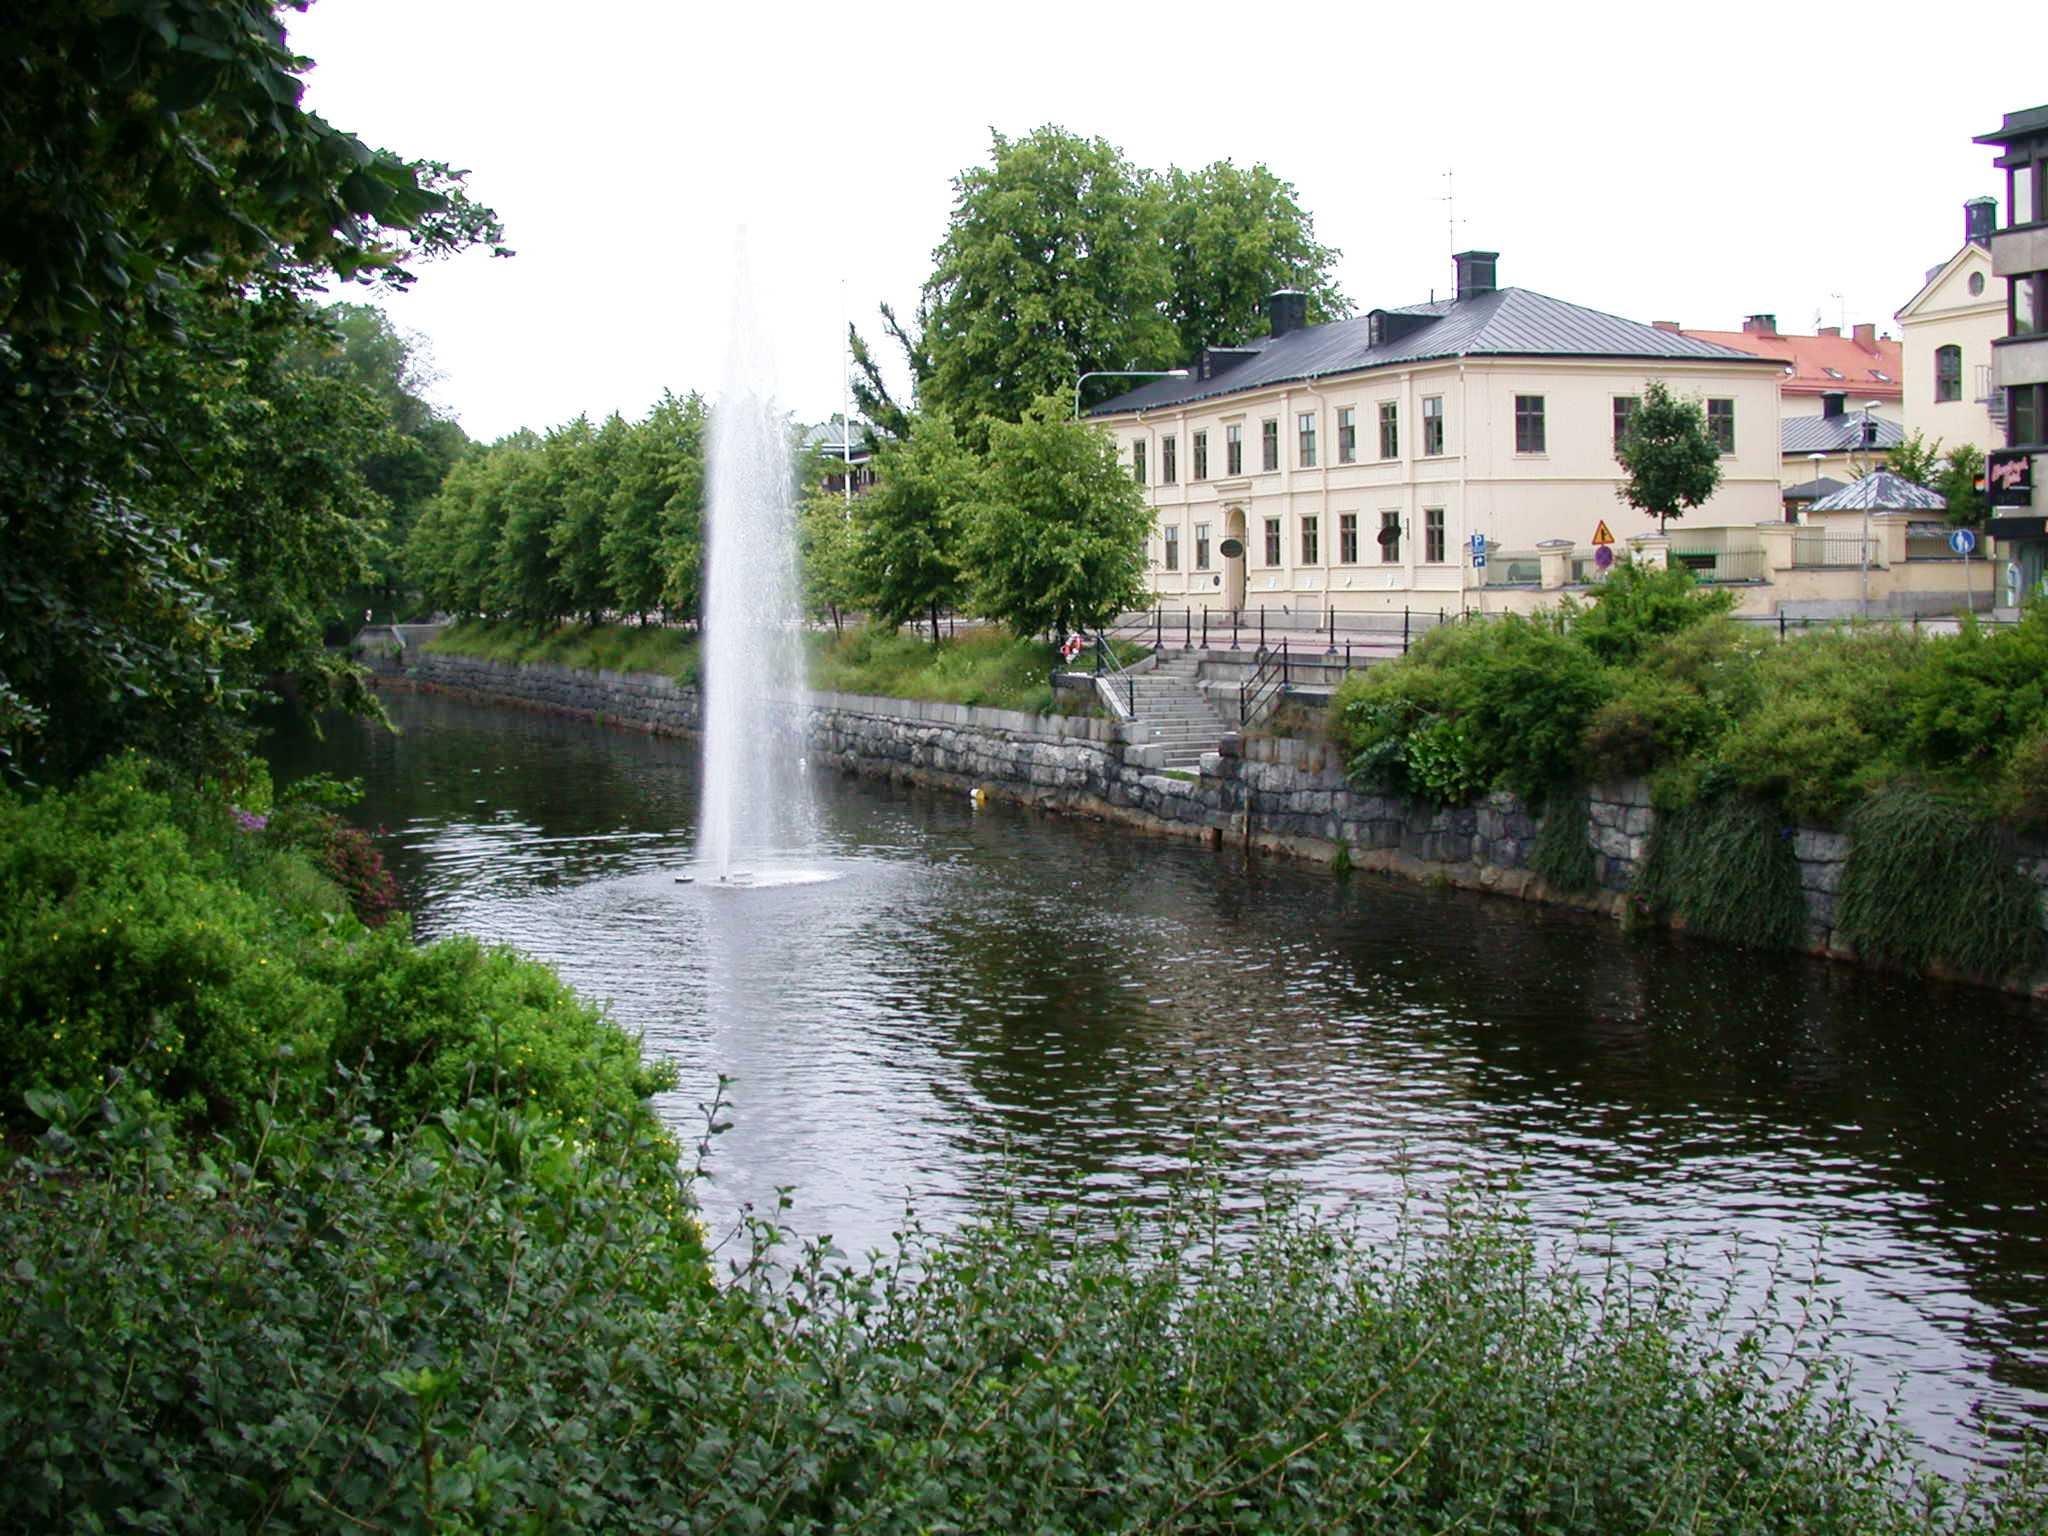 File:Gavlean, Gavle Sweden.JPG - Wikimedia Commons